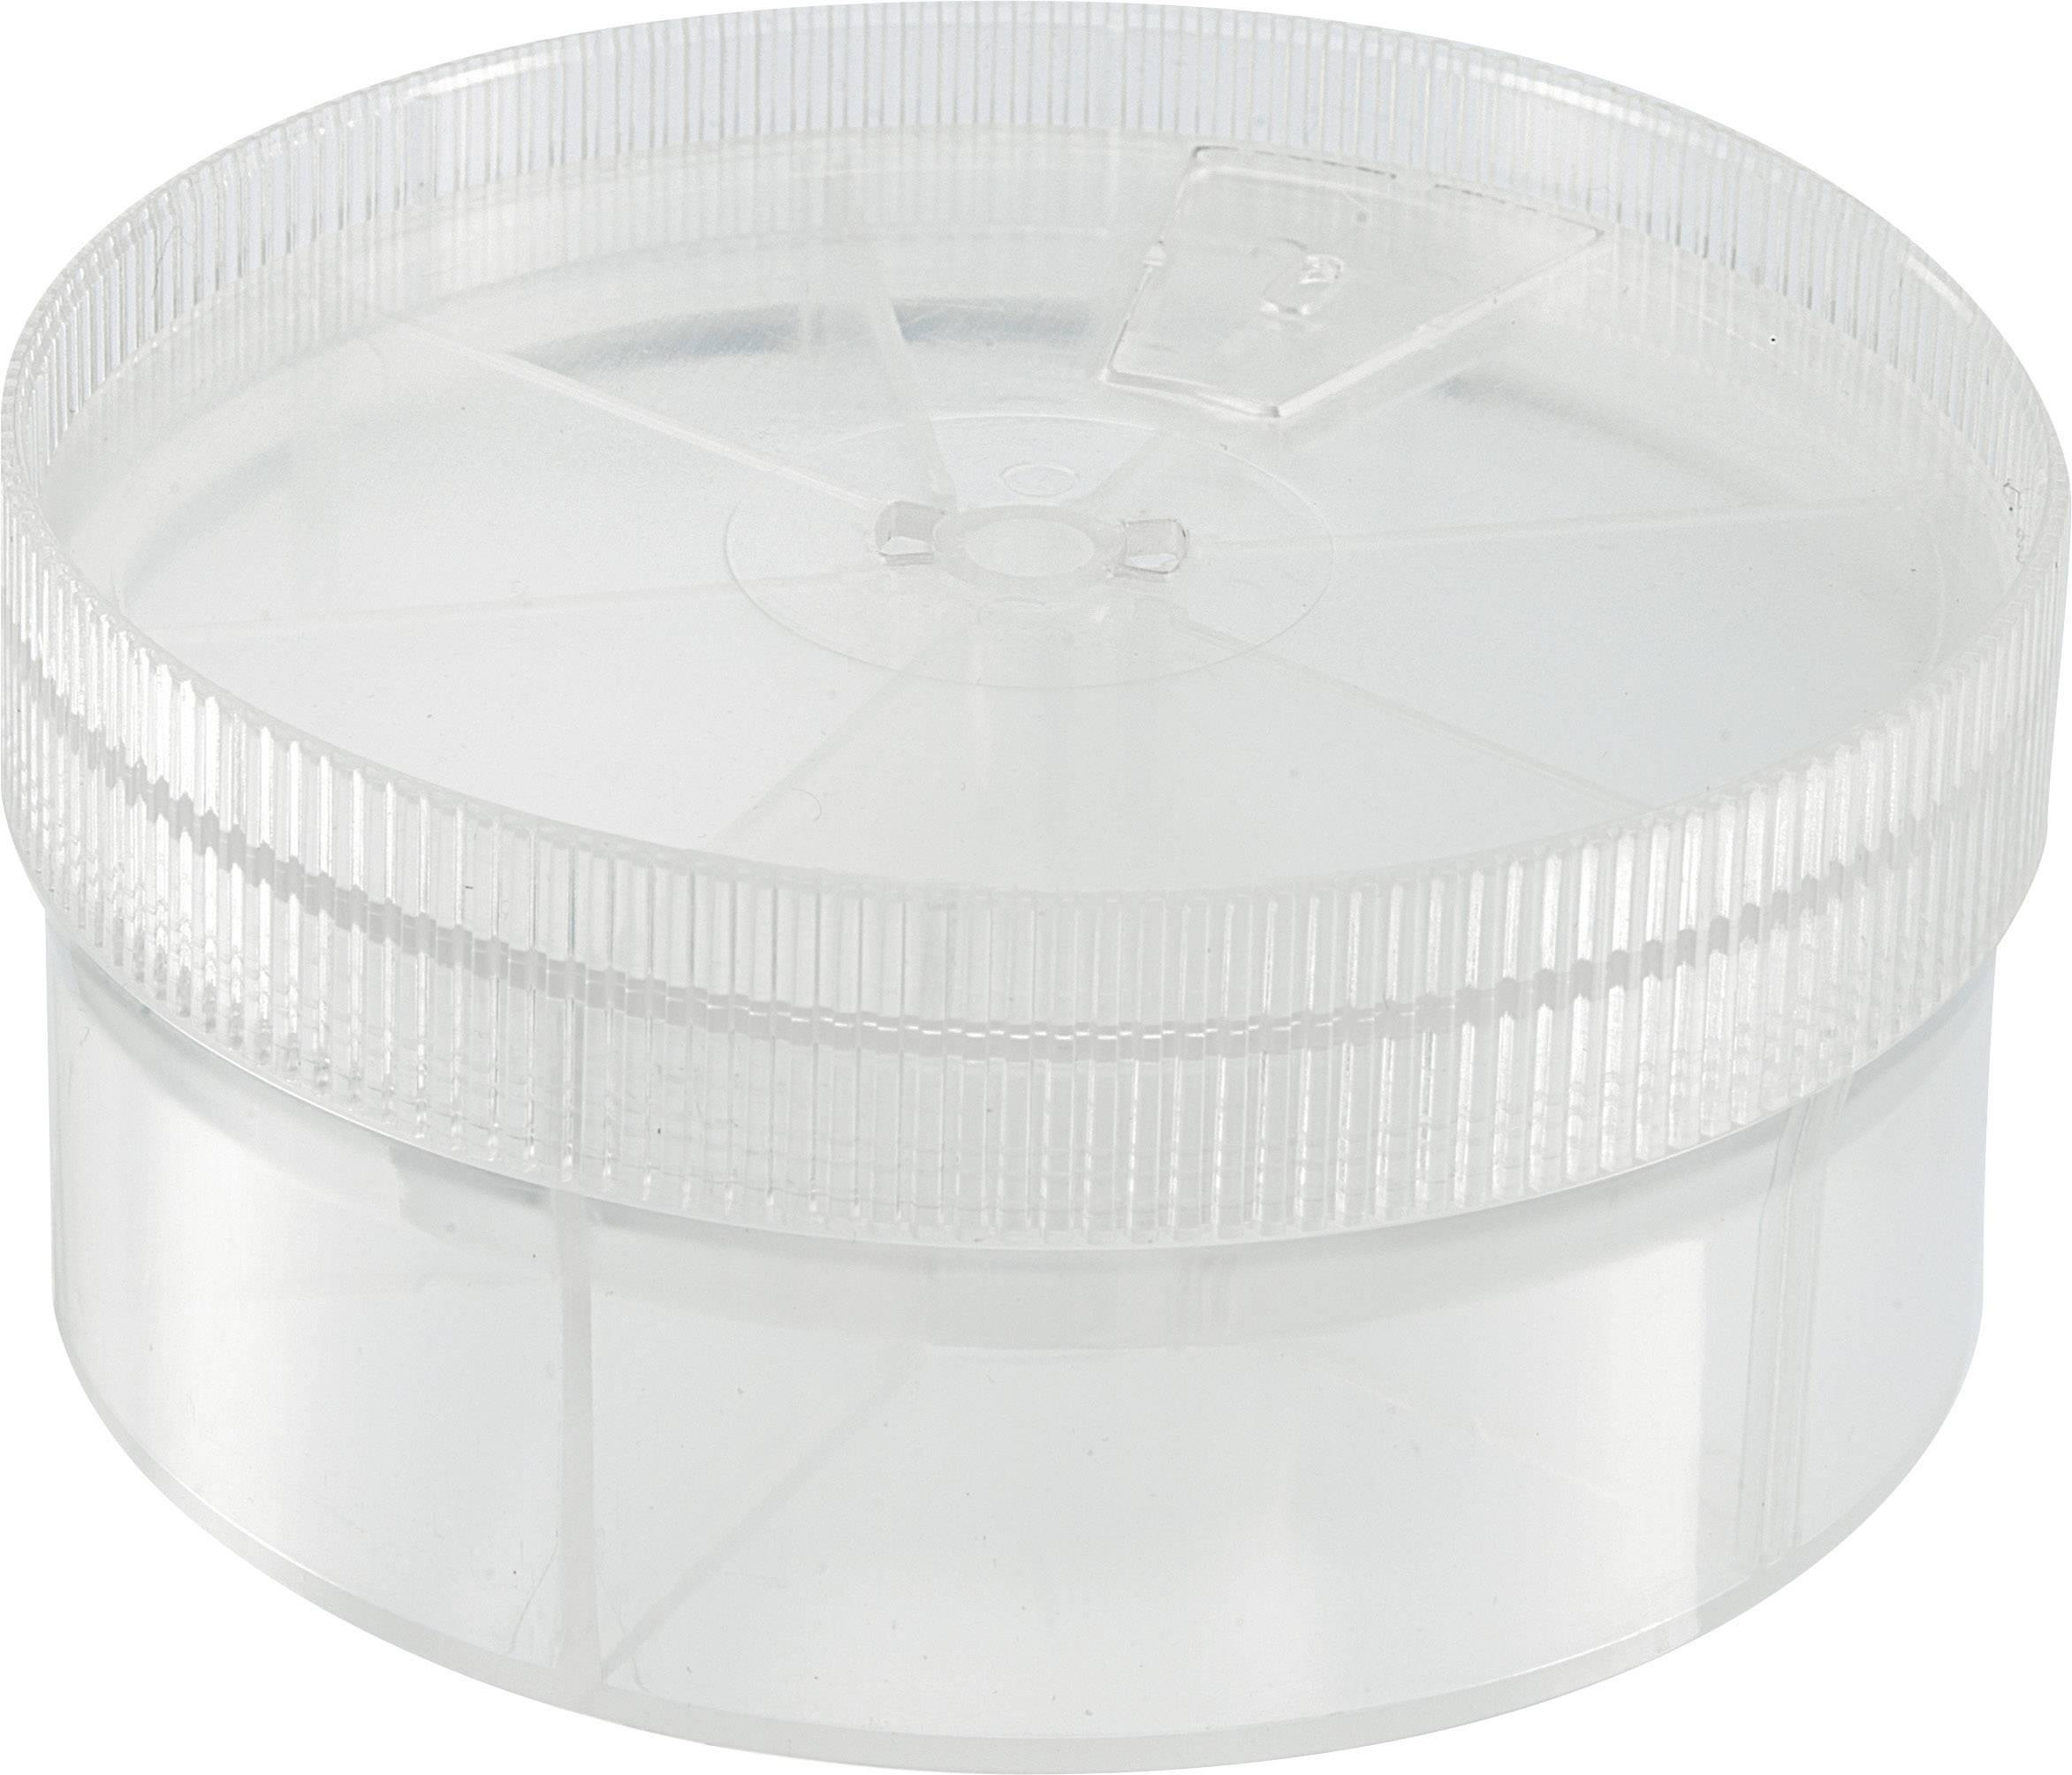 Krabice na součástky TRU COMPONENTS, 1566806, přihrádek: 7, 92 x 43.5 , transparentní